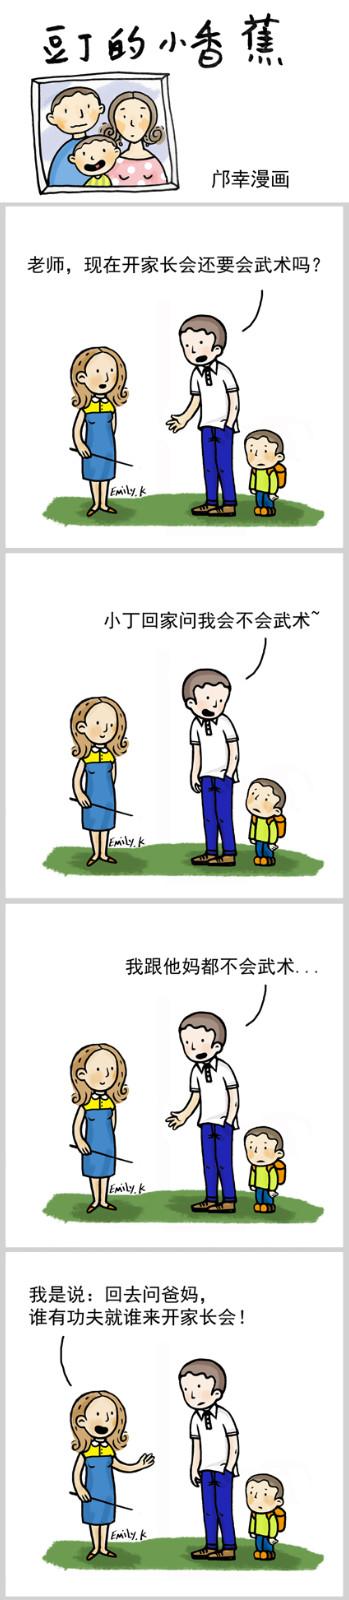 【邝幸漫畫】《小香蕉》290 功夫就是武术_图1-1